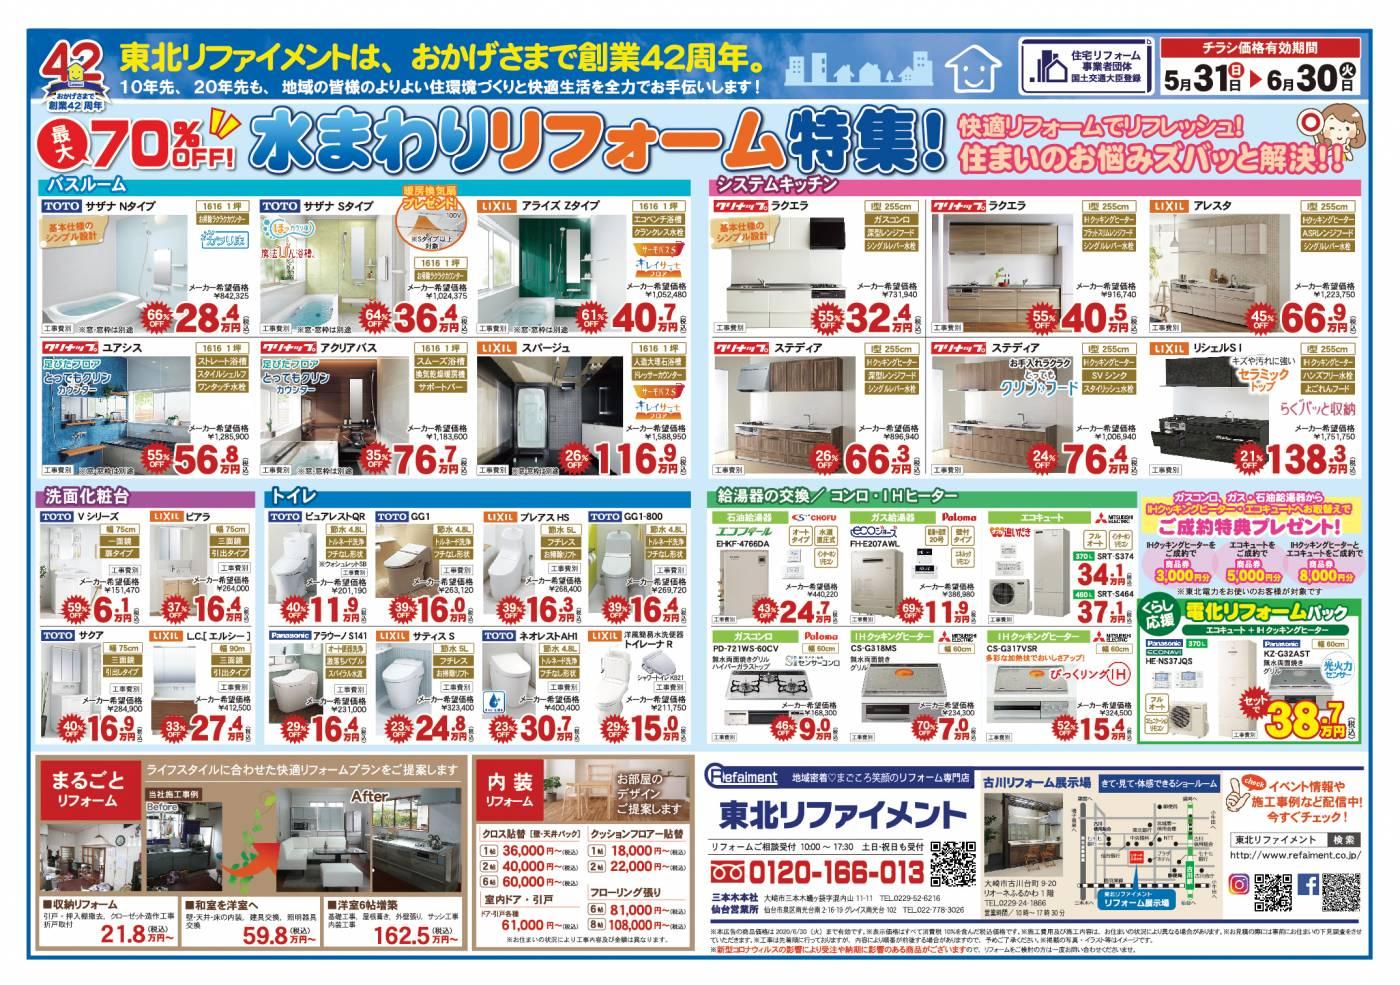 広告(2020_05_31)2